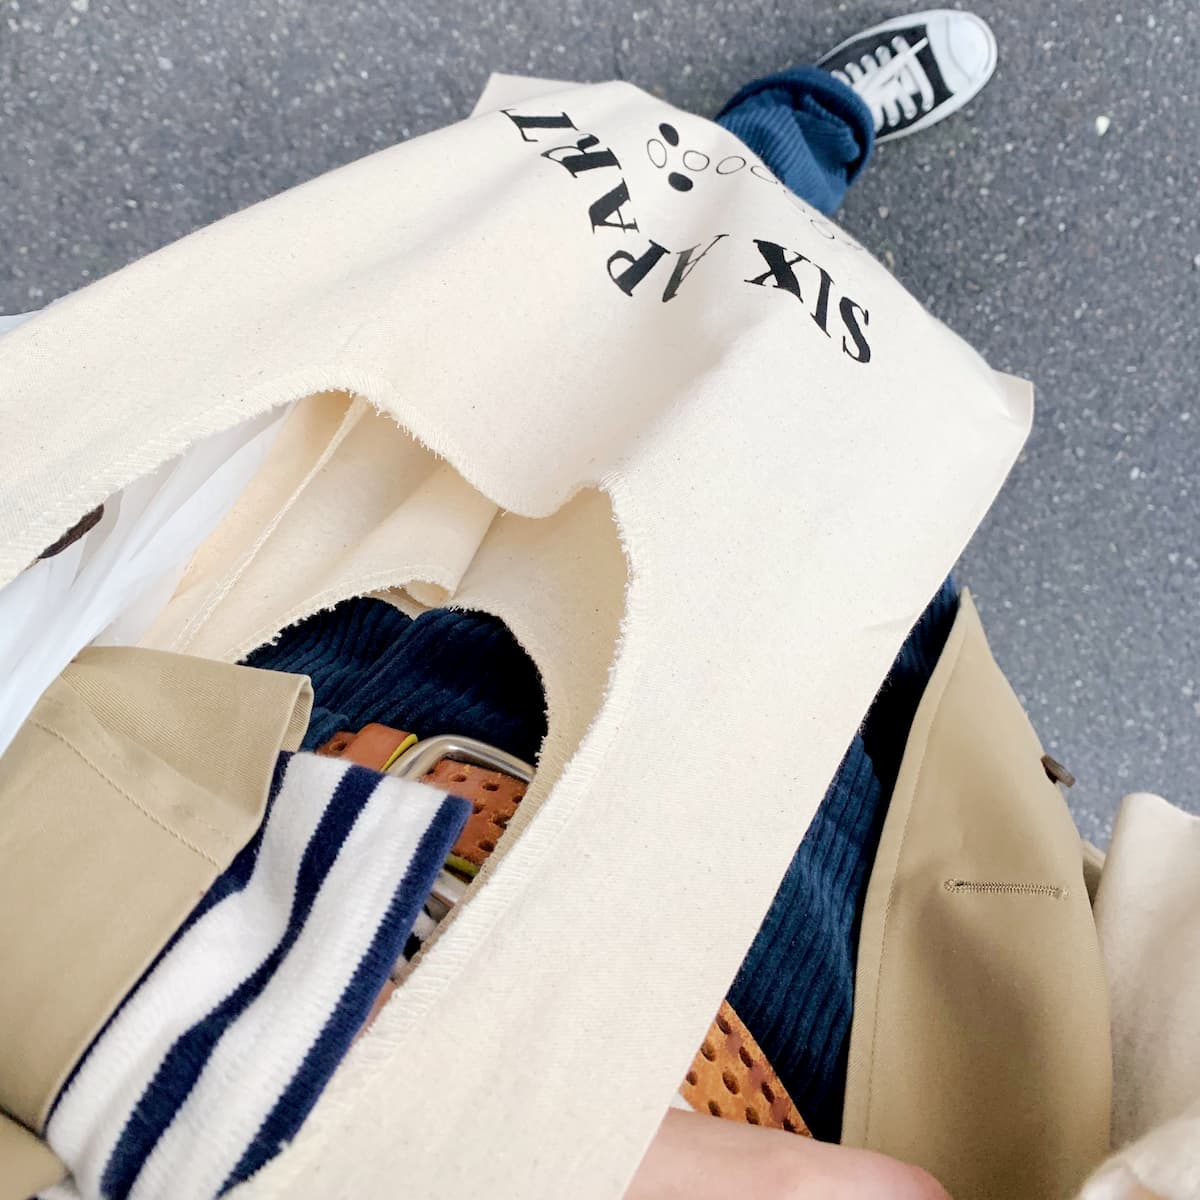 bag_hang.jpg